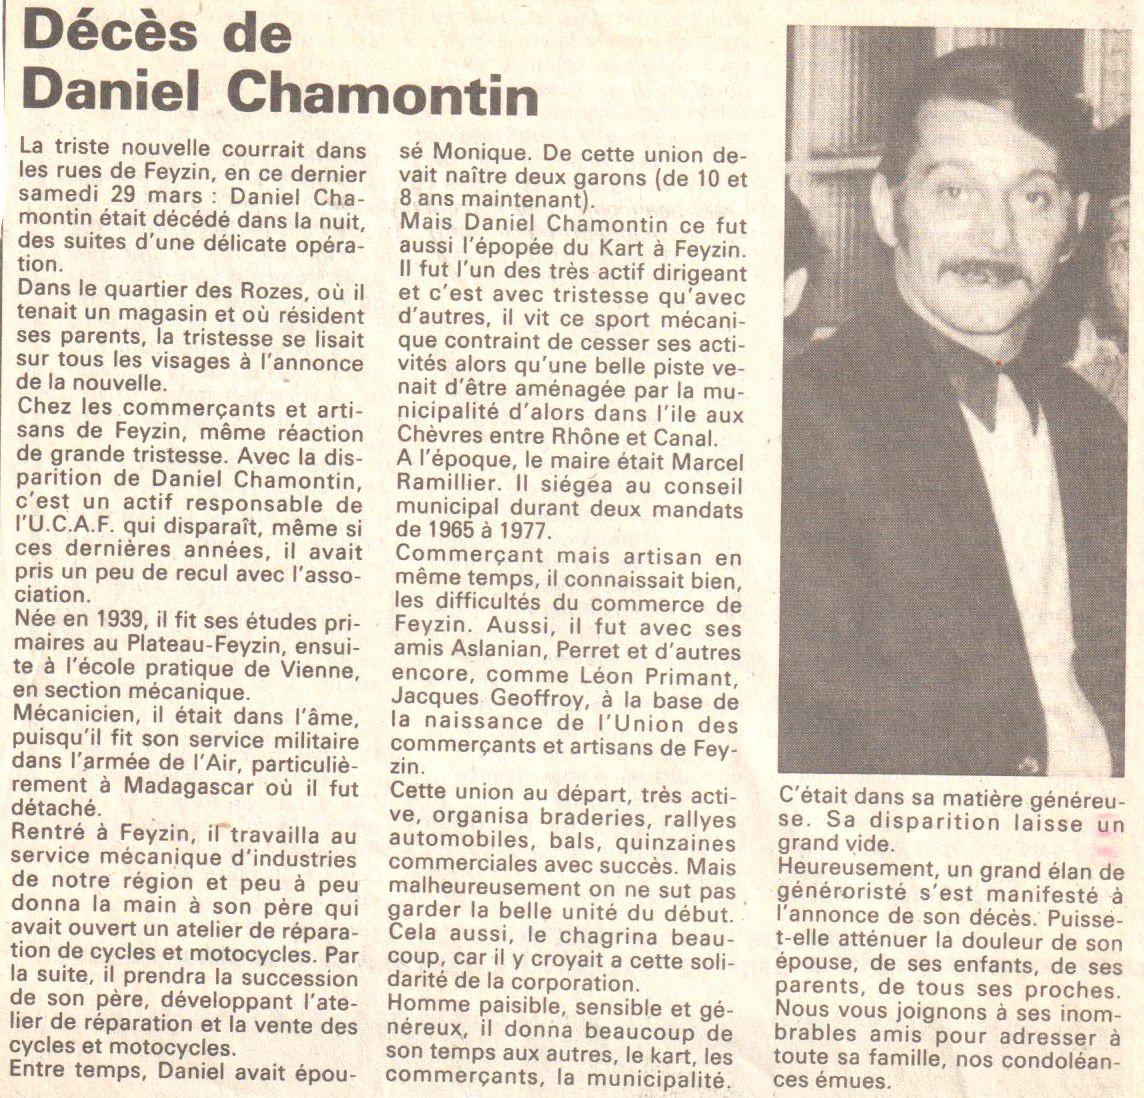 """(lire """"rue des Razes"""" - et non Rozes, et """"Léon Primaut"""" - et non Primant)"""